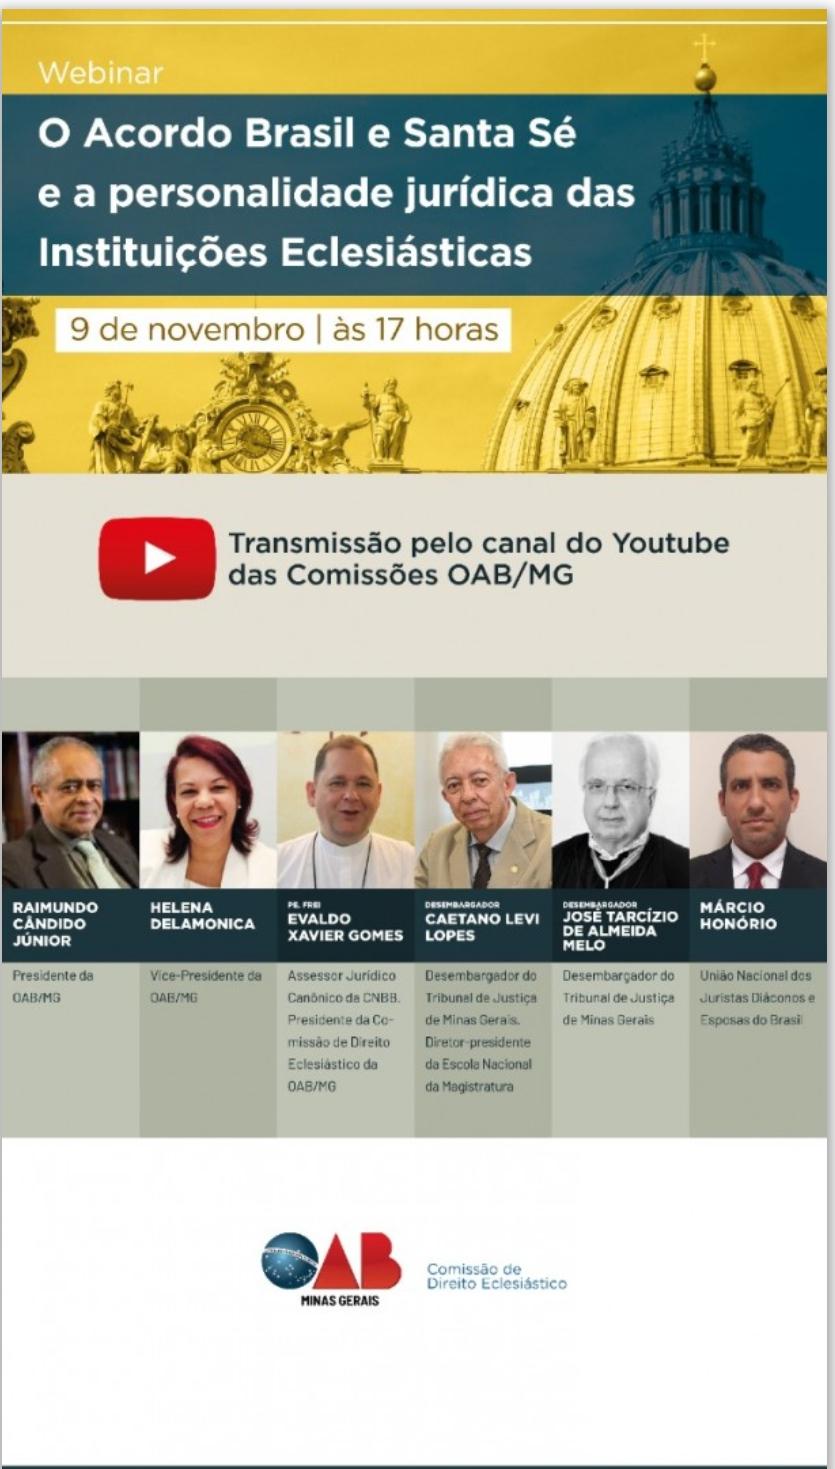 União de Juristas Diáconos e Esposas do Brasil participa de evento online no dia 9 de novembro